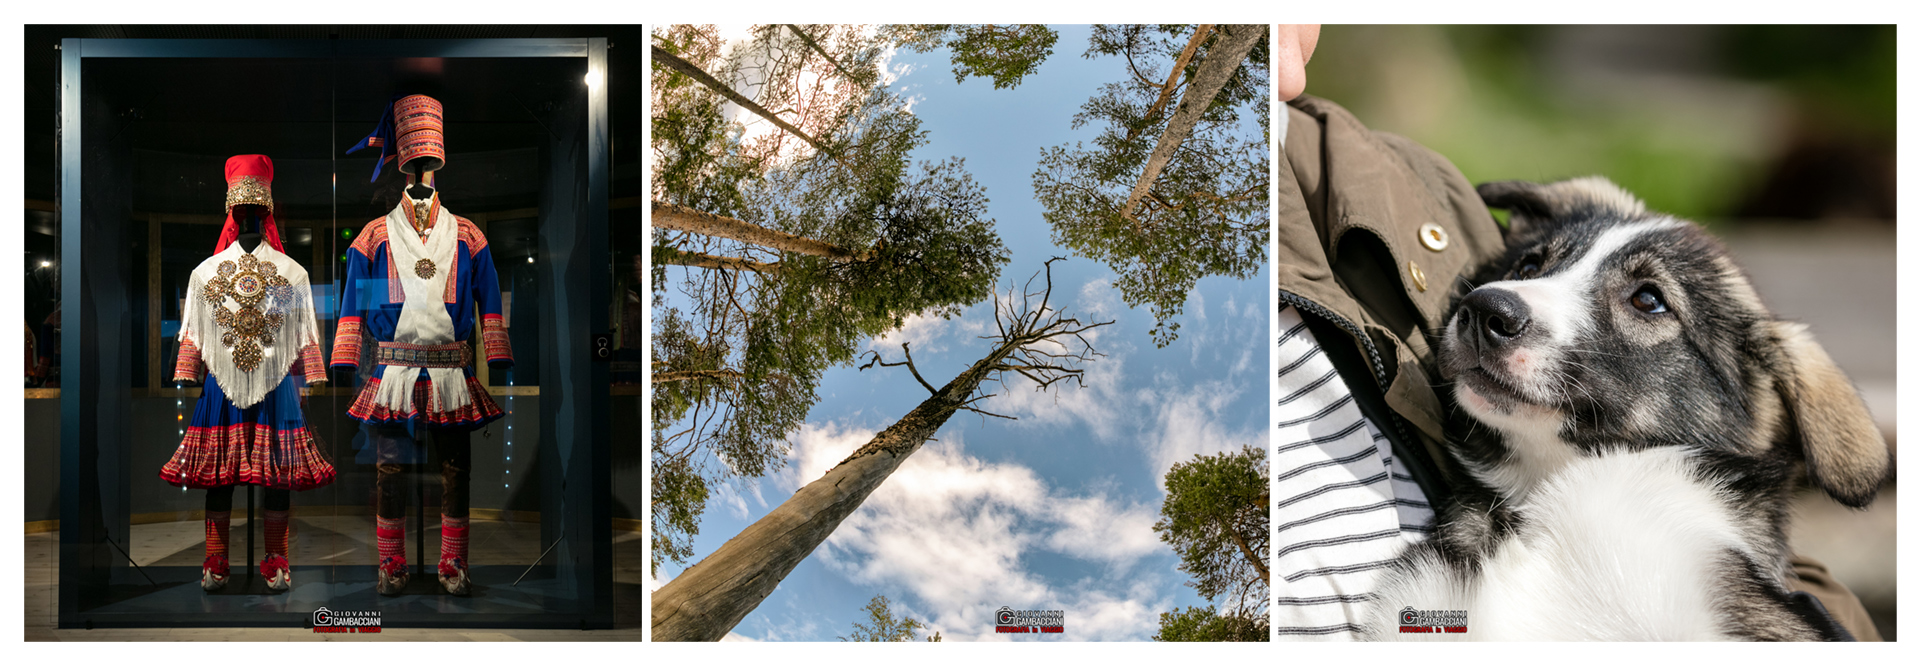 Viaggi di Gruppo  striscia_A01 [CONCLUSO] Estate in Lapponia e CapoNord: Da Martedì 25 a Lunedì 31 Luglio 2017